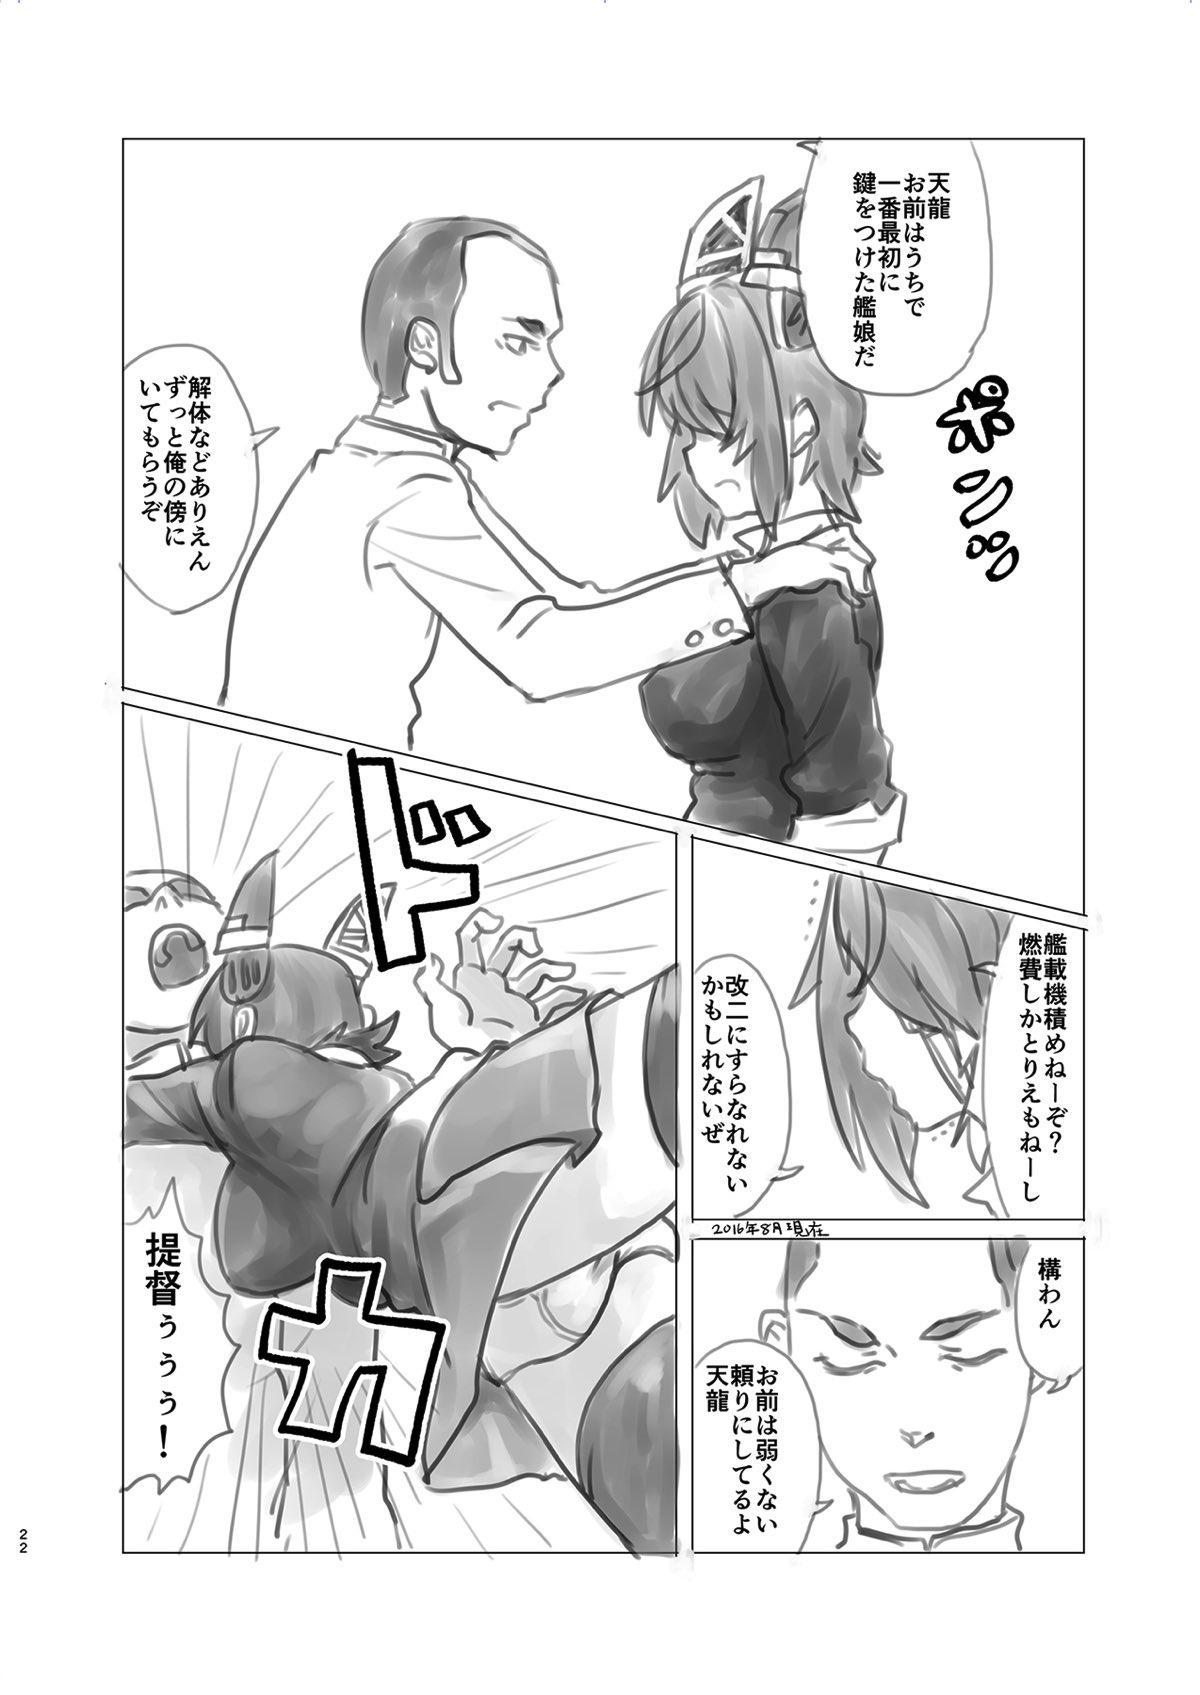 Tenryuu-chan no Momoiro Daisakusen 20